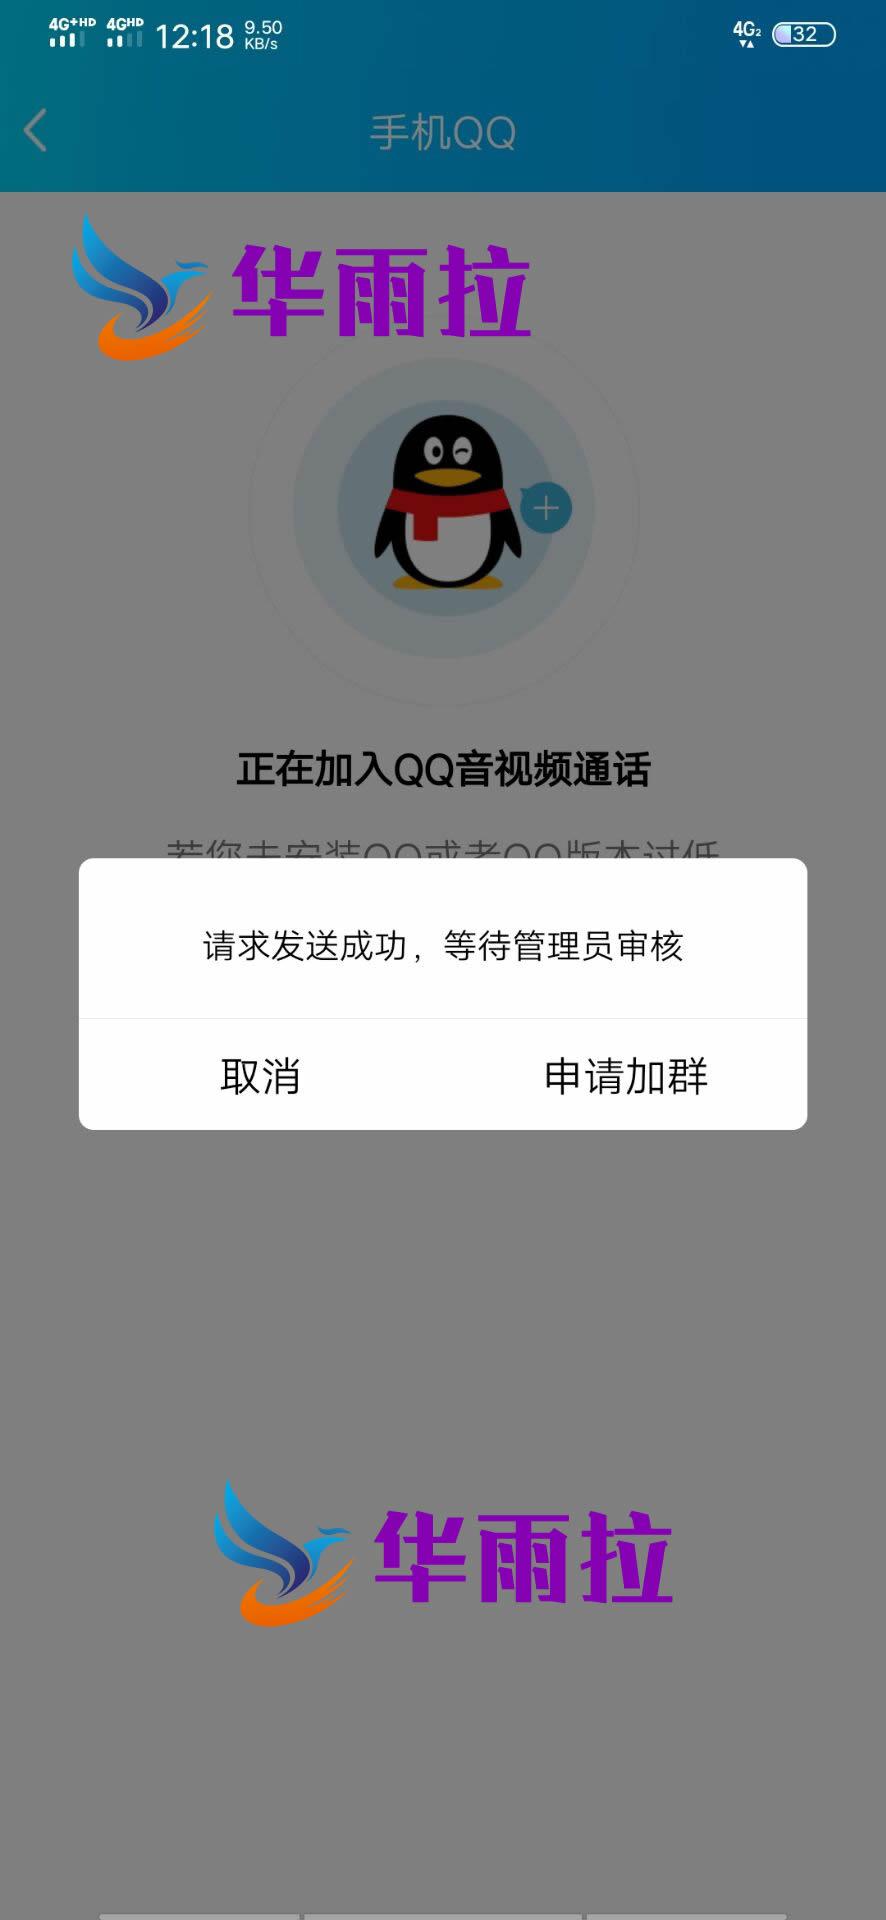 来自华雨啦官方群背巨网友的测试——红包加群引流的QQjson代码